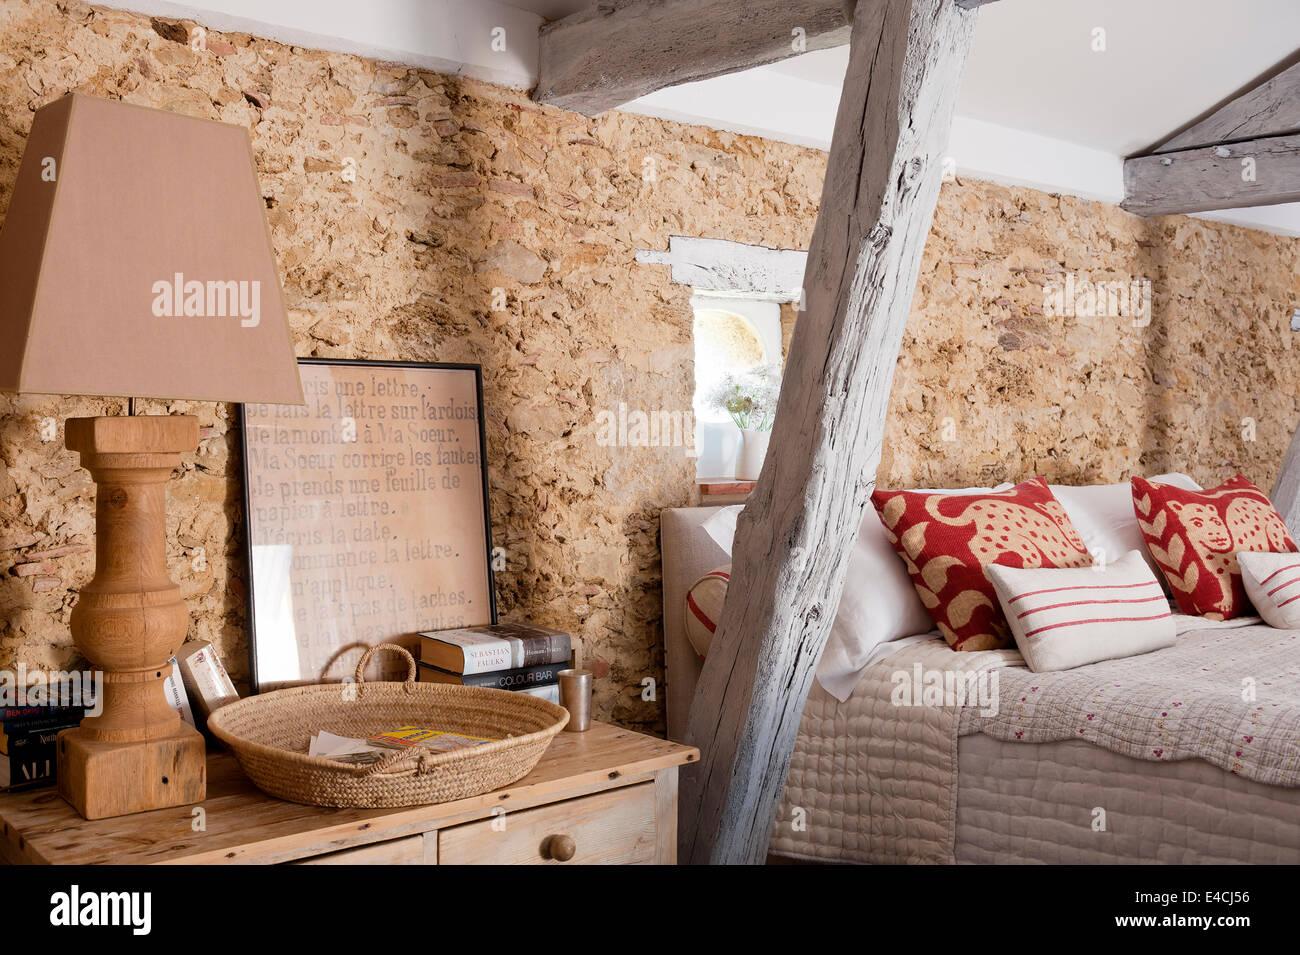 Pareti Rivestite Di Legno : Candelabro in legno sul comodino in camera da letto con pareti